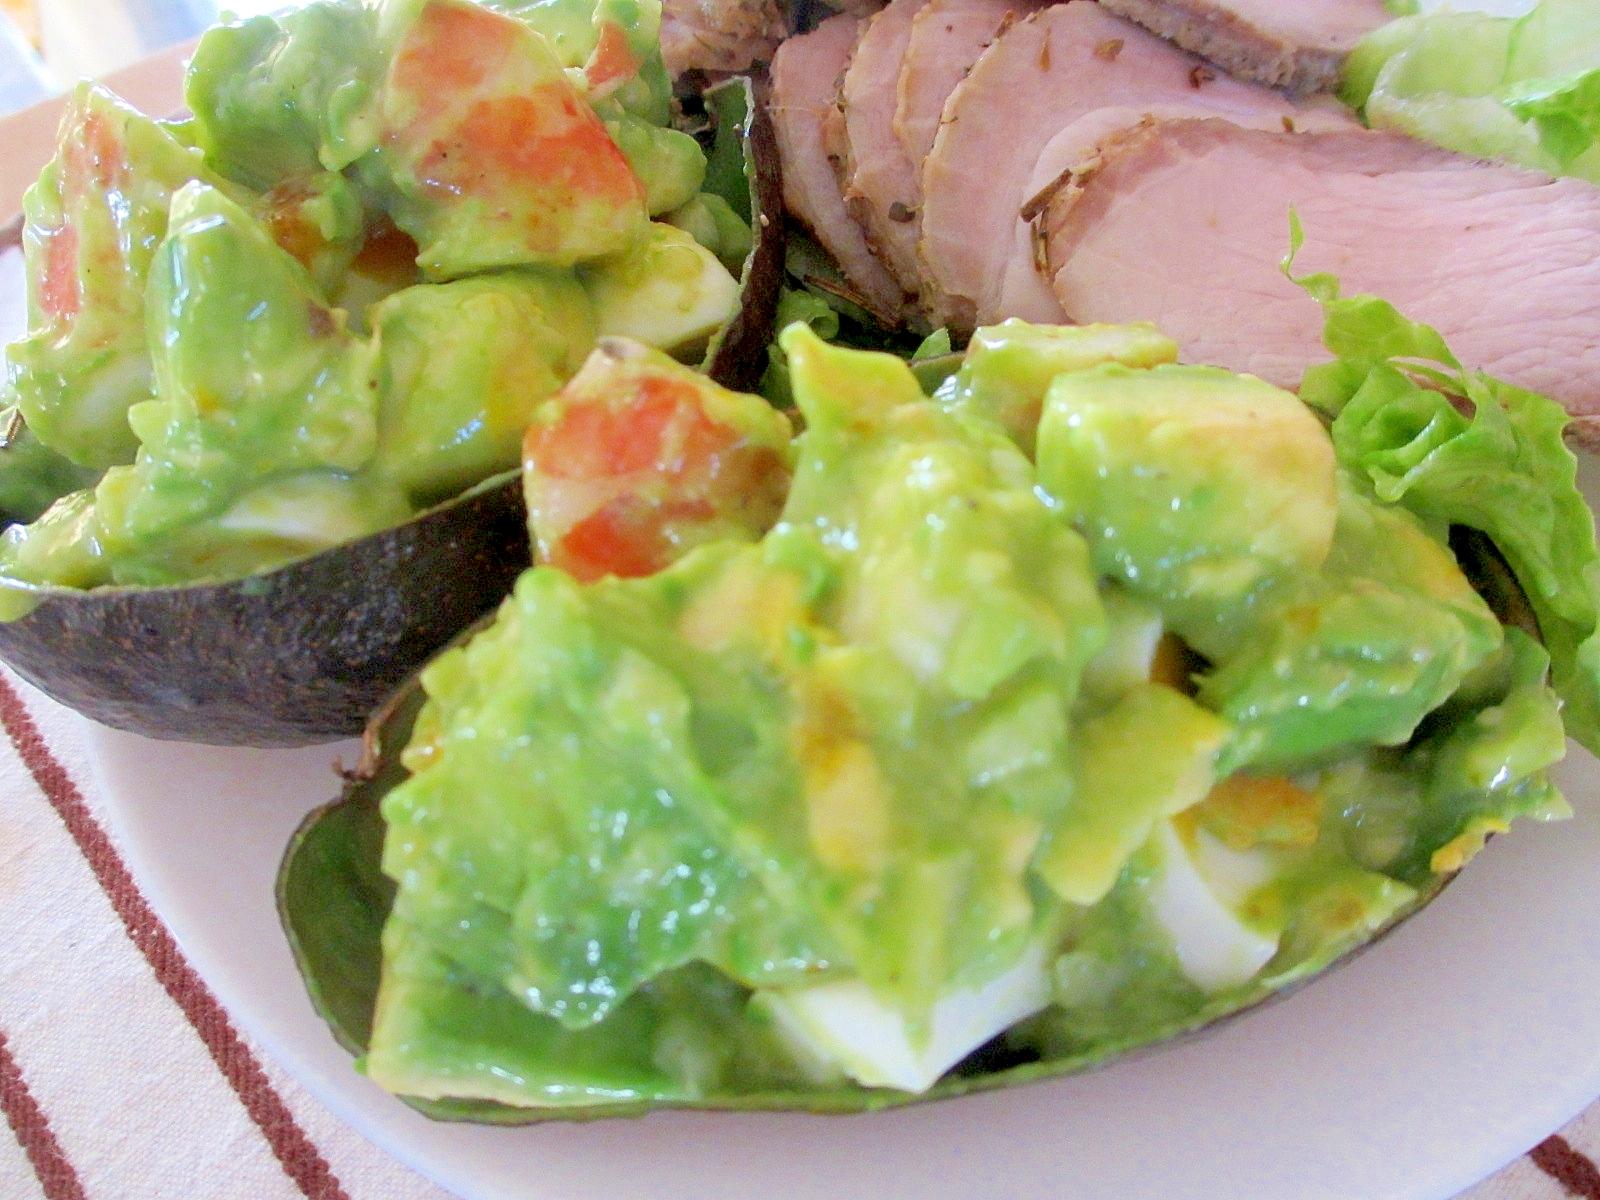 アボカド・エビ・ゆで卵のサラダ